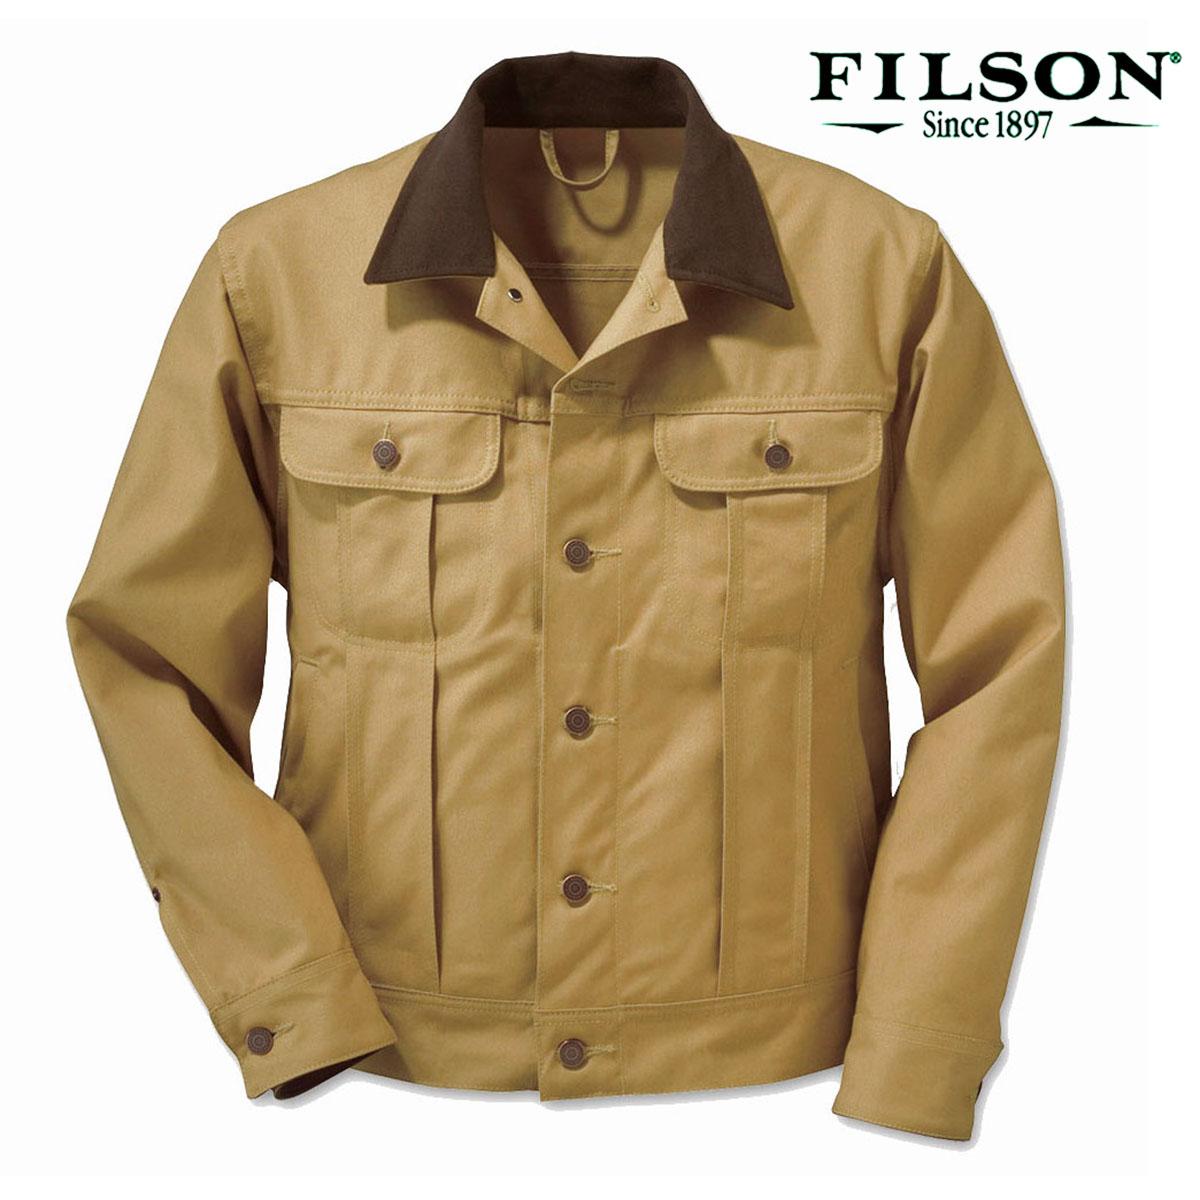 画像1: フィルソン ランチ ジャケット/Filson Ranch Jacket (1)